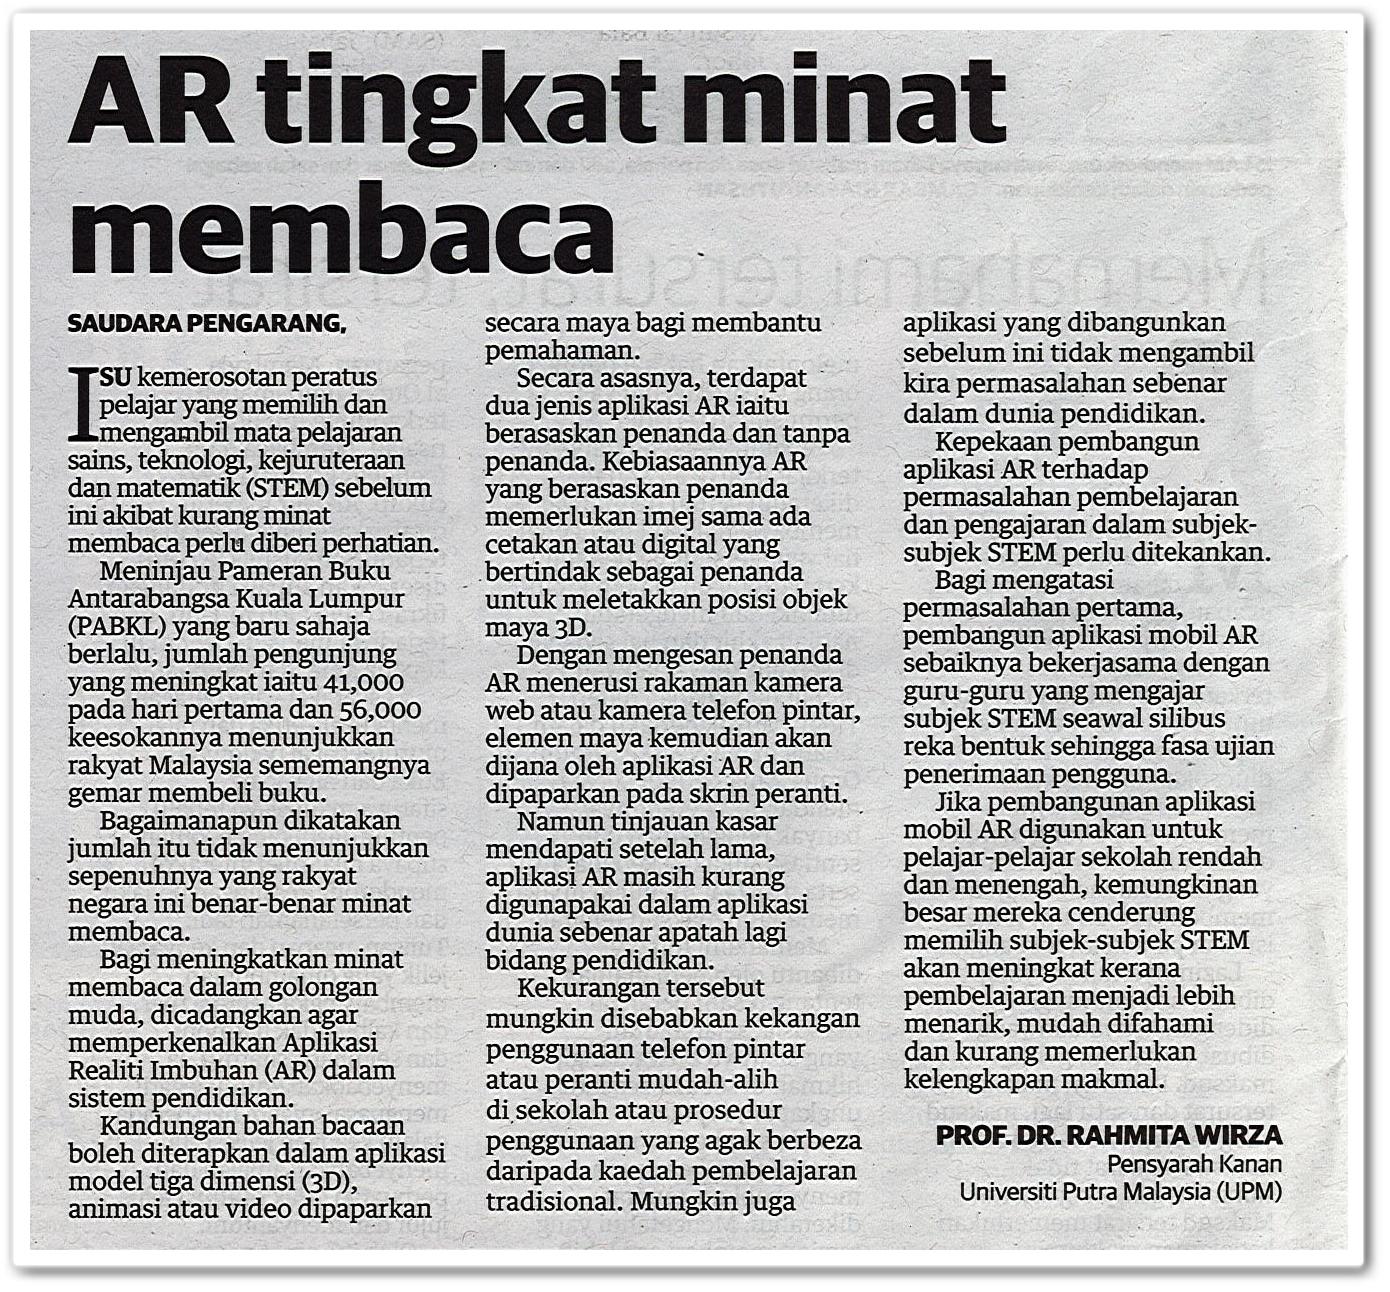 AR  tingkat minat membaca - Keratan akhbar Utusan Malaysia 15 Julai 2019